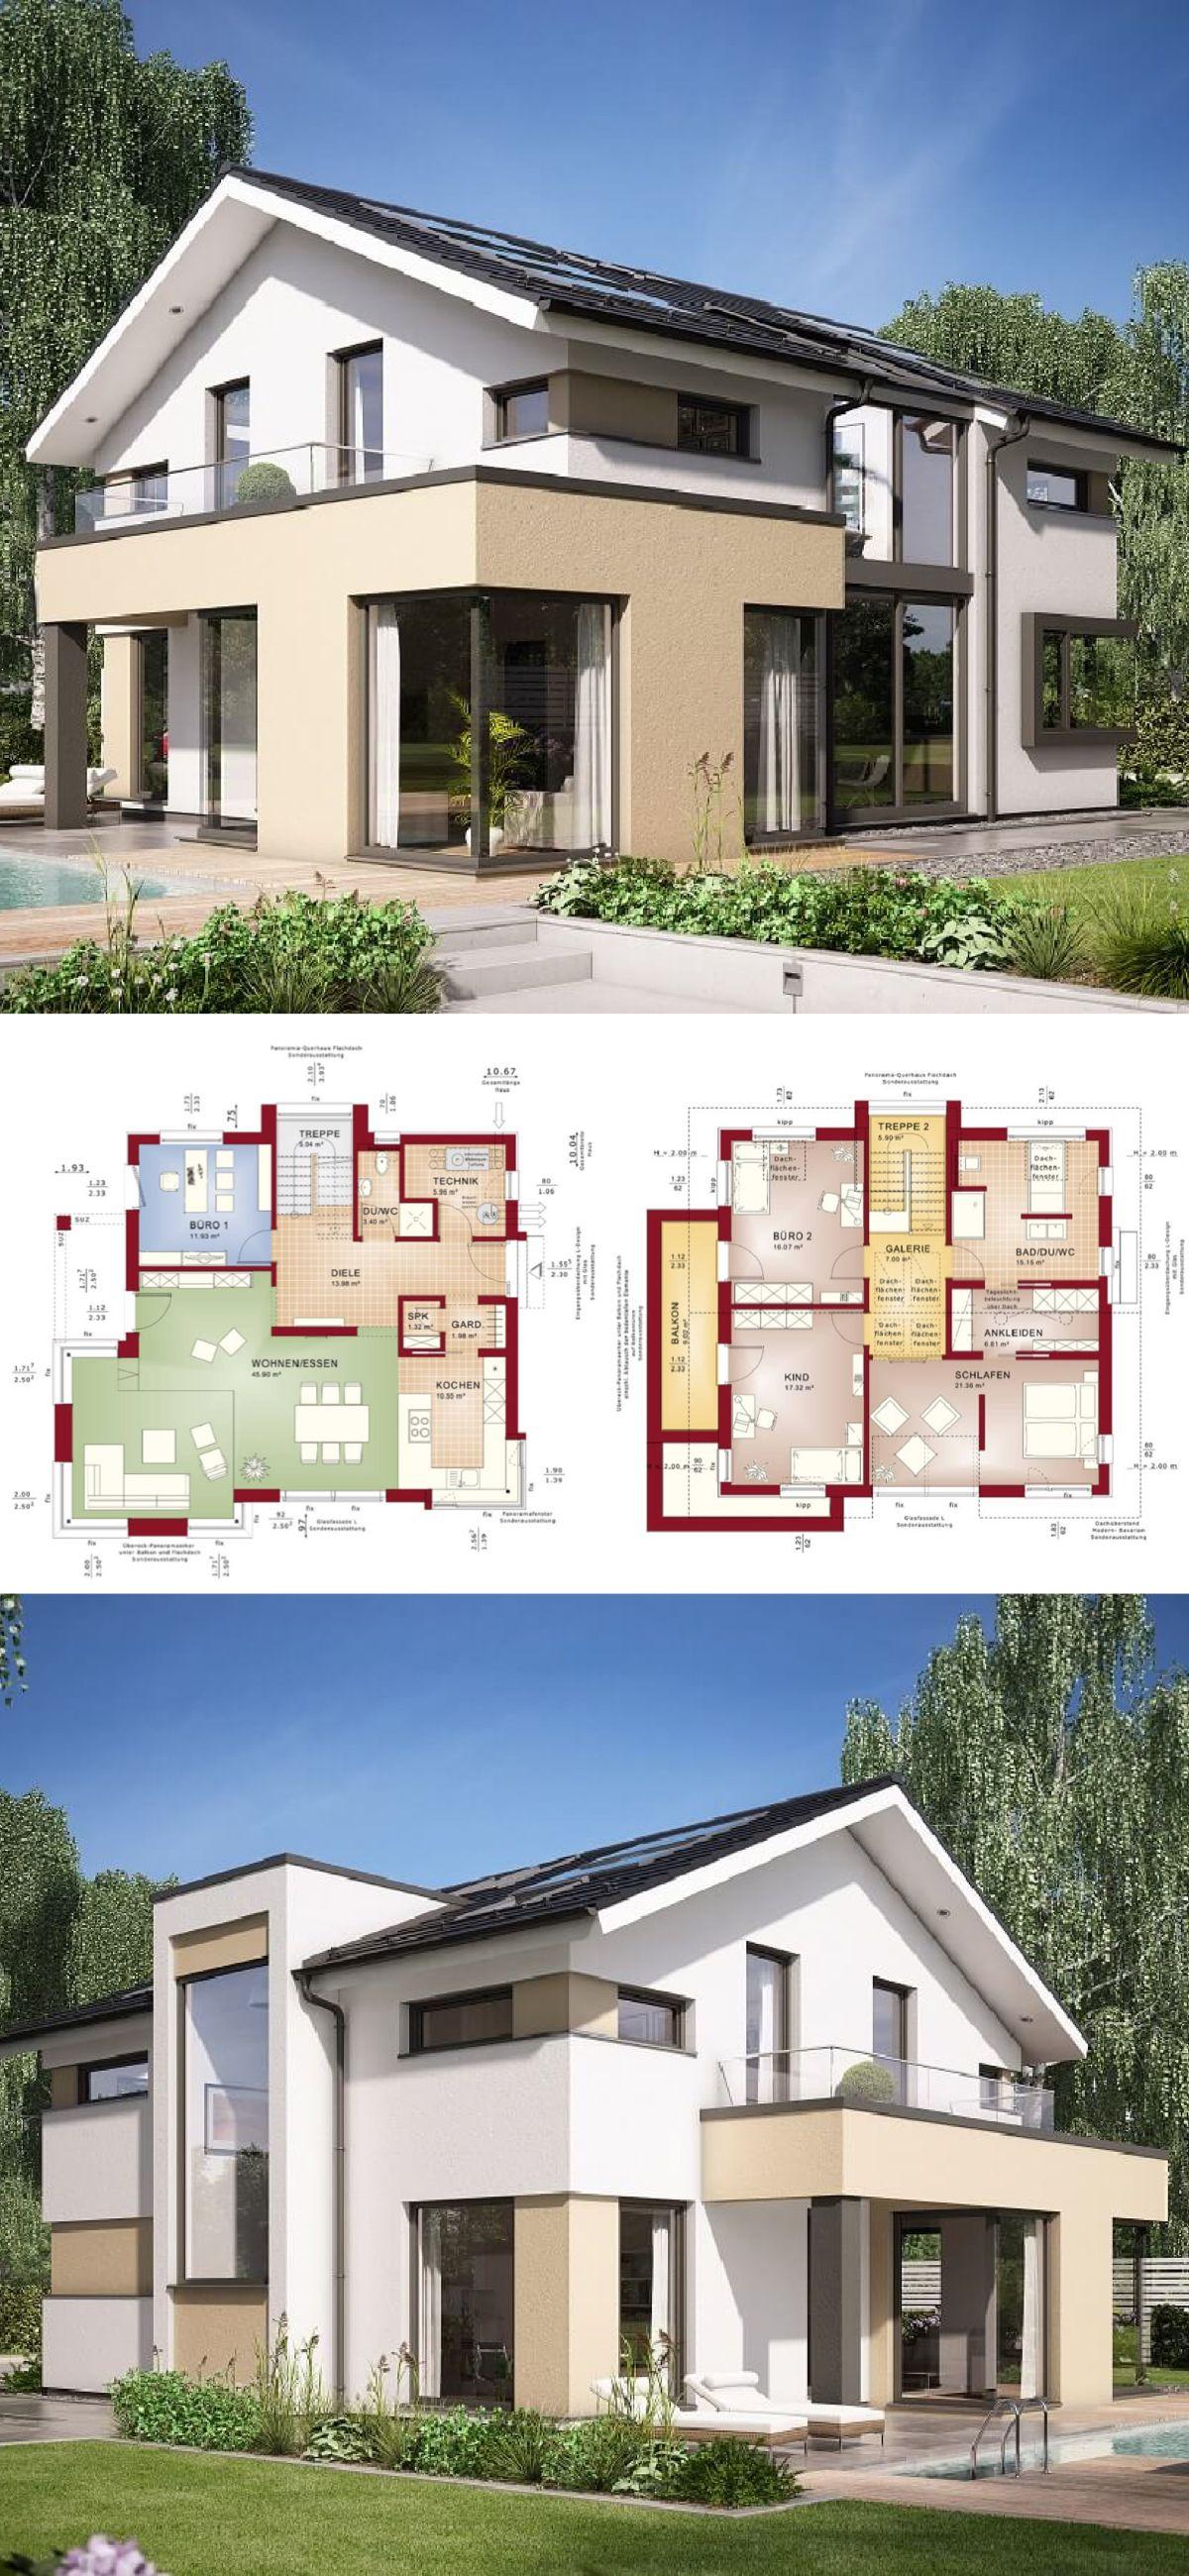 Einfamilienhaus Architektur Modern Mit Galerie